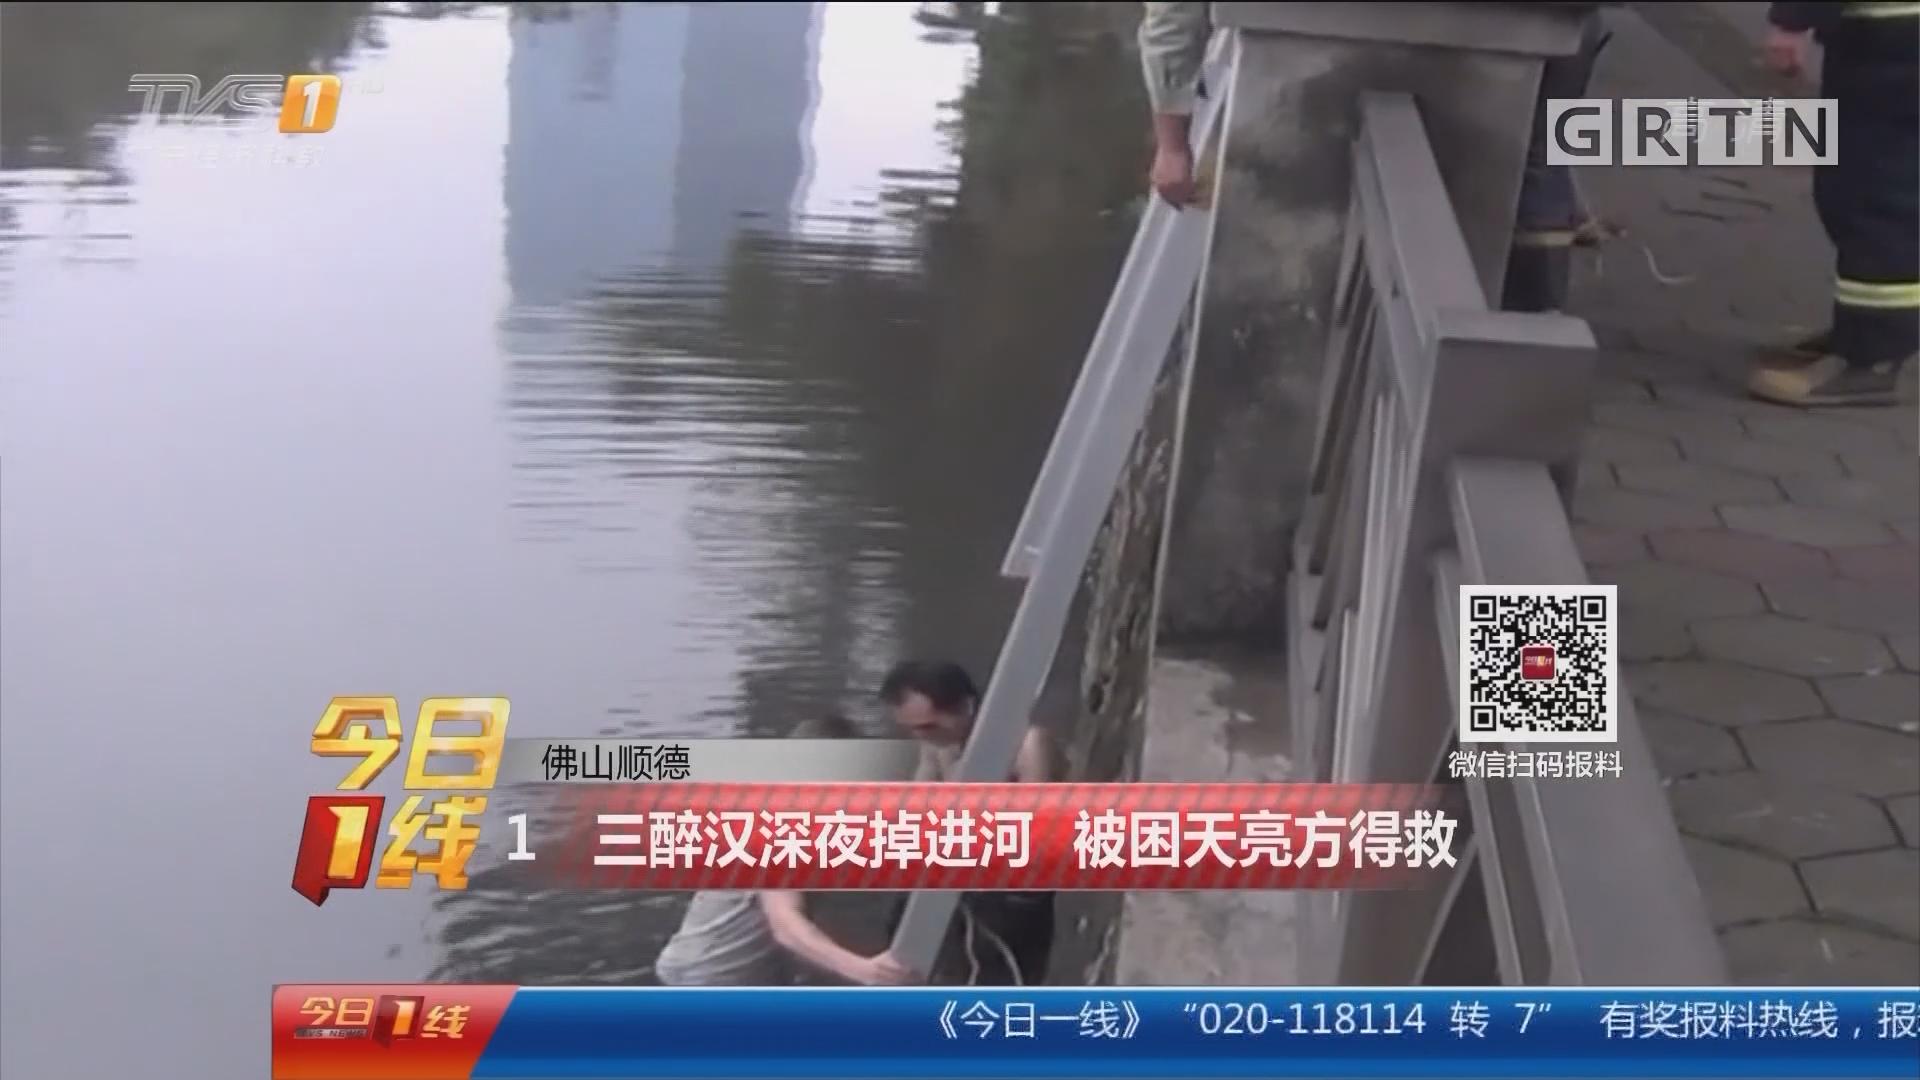 佛山顺德:1 三醉汉深夜掉进河 被困天亮方得救